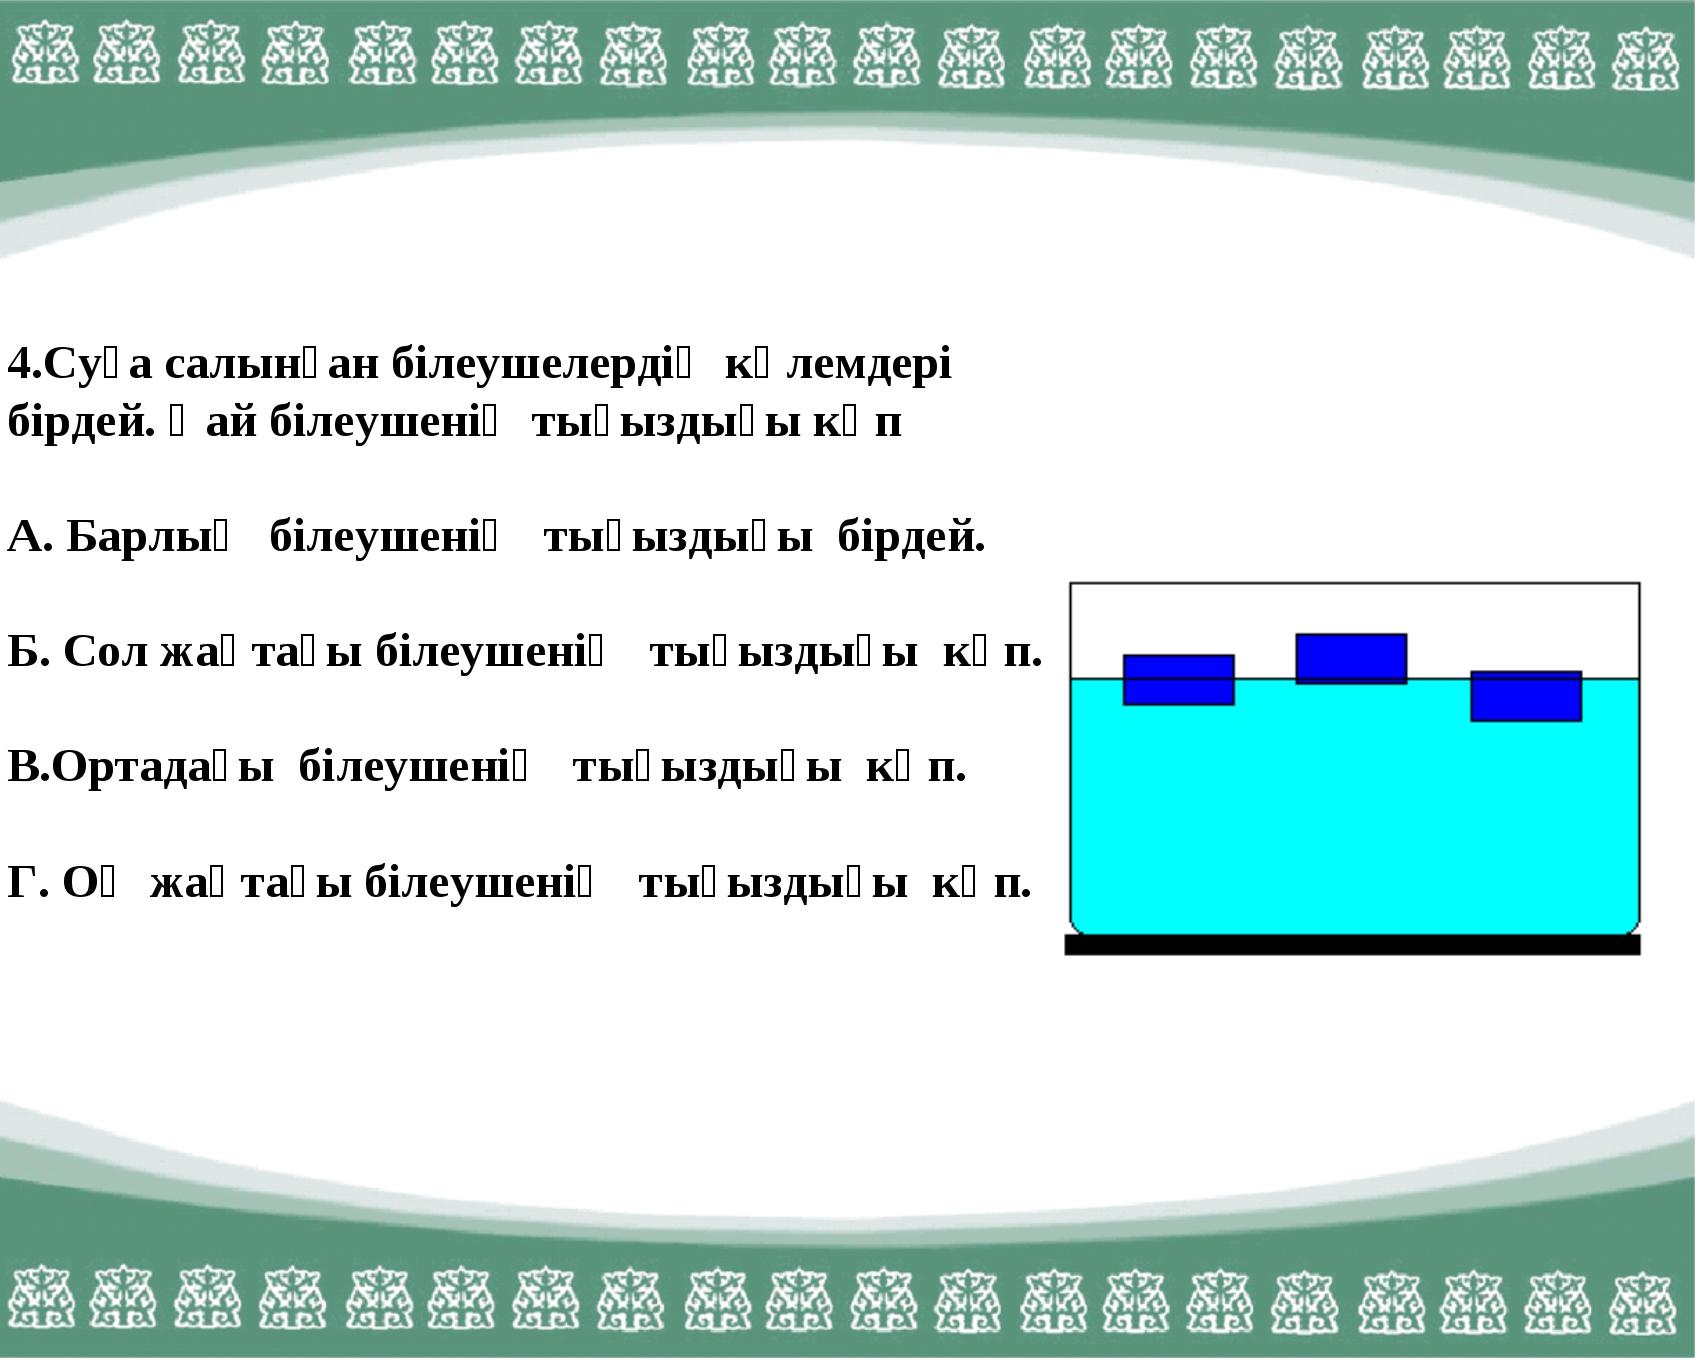 4.Суға салынған білеушелердің көлемдері бірдей. Қай білеушенің тығыздығы көп...